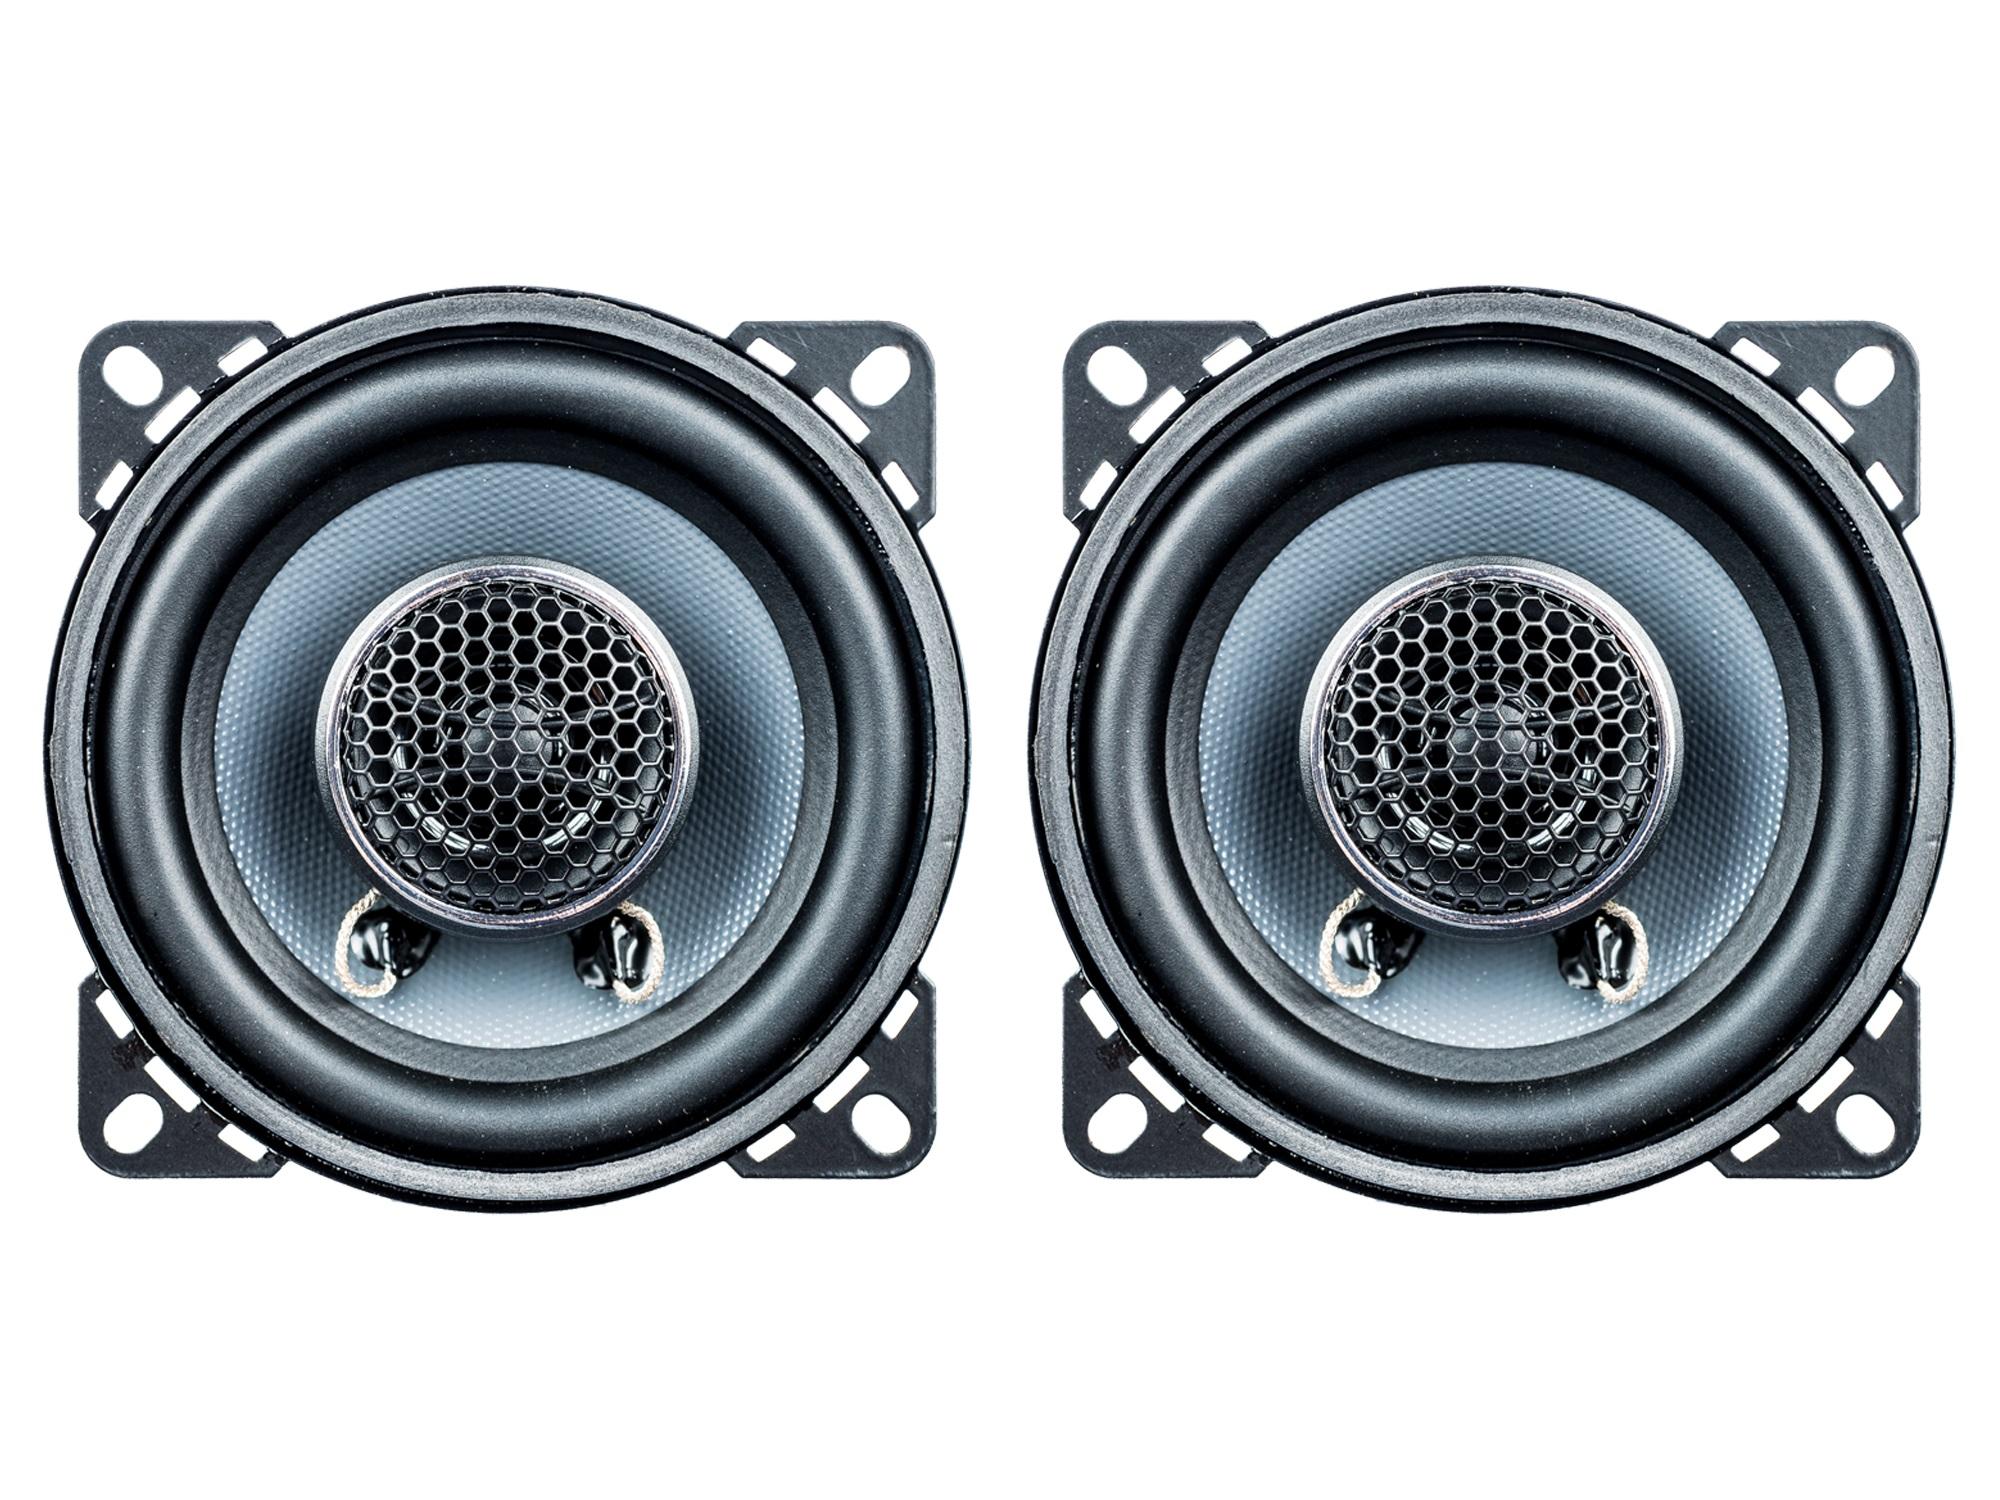 PG Audio EVO III,10.2 2 Wege Coax passend für Daewoo,Daihatsu,Honda, Kia,Mitsubishi,Nissan, Suzuki,Toyota